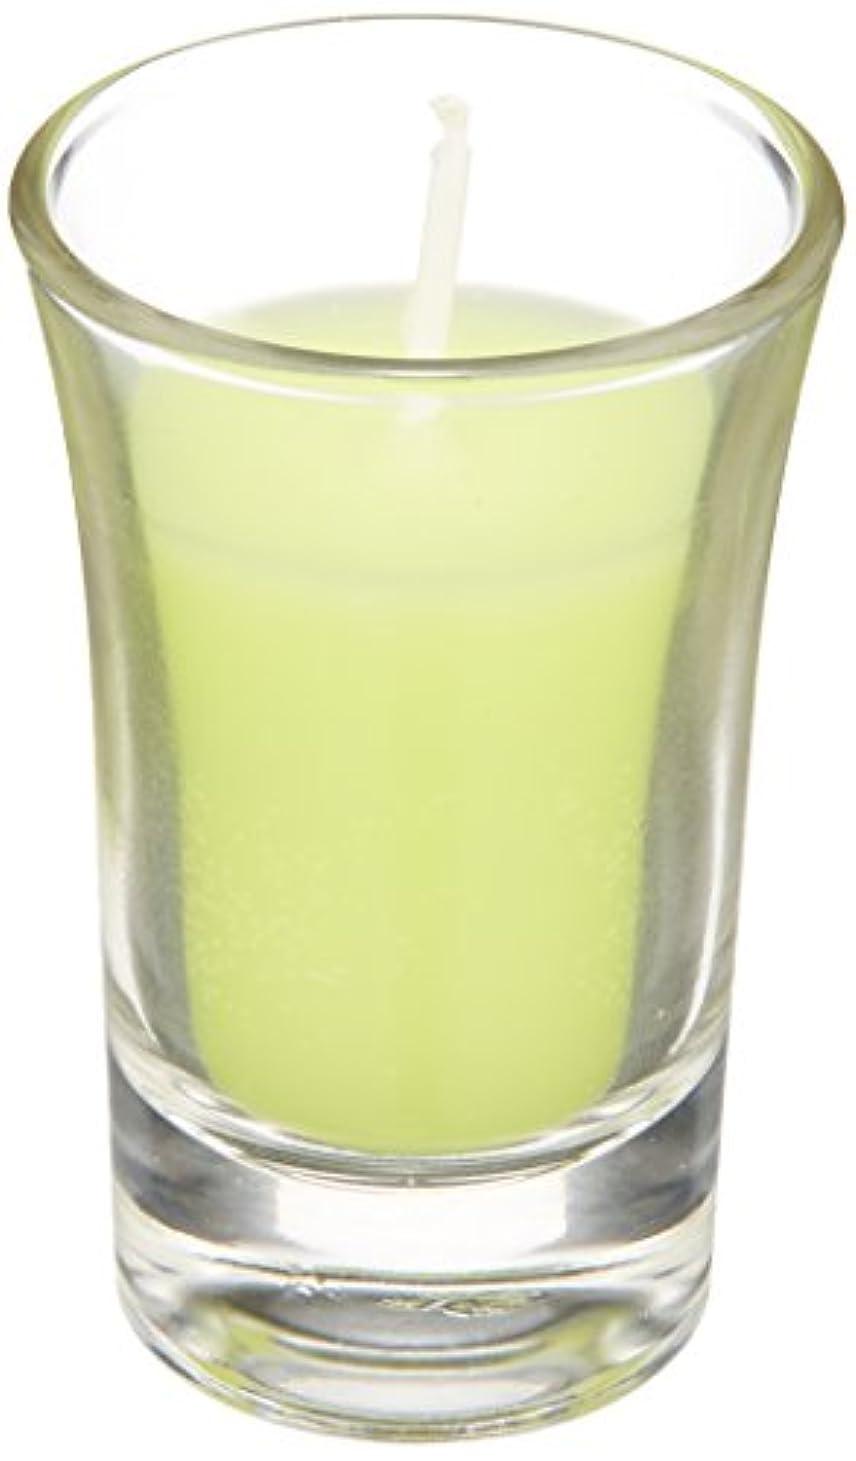 人気立方体眉ラナンキュラスグラスキャンドル 「 ライトグリーン 」